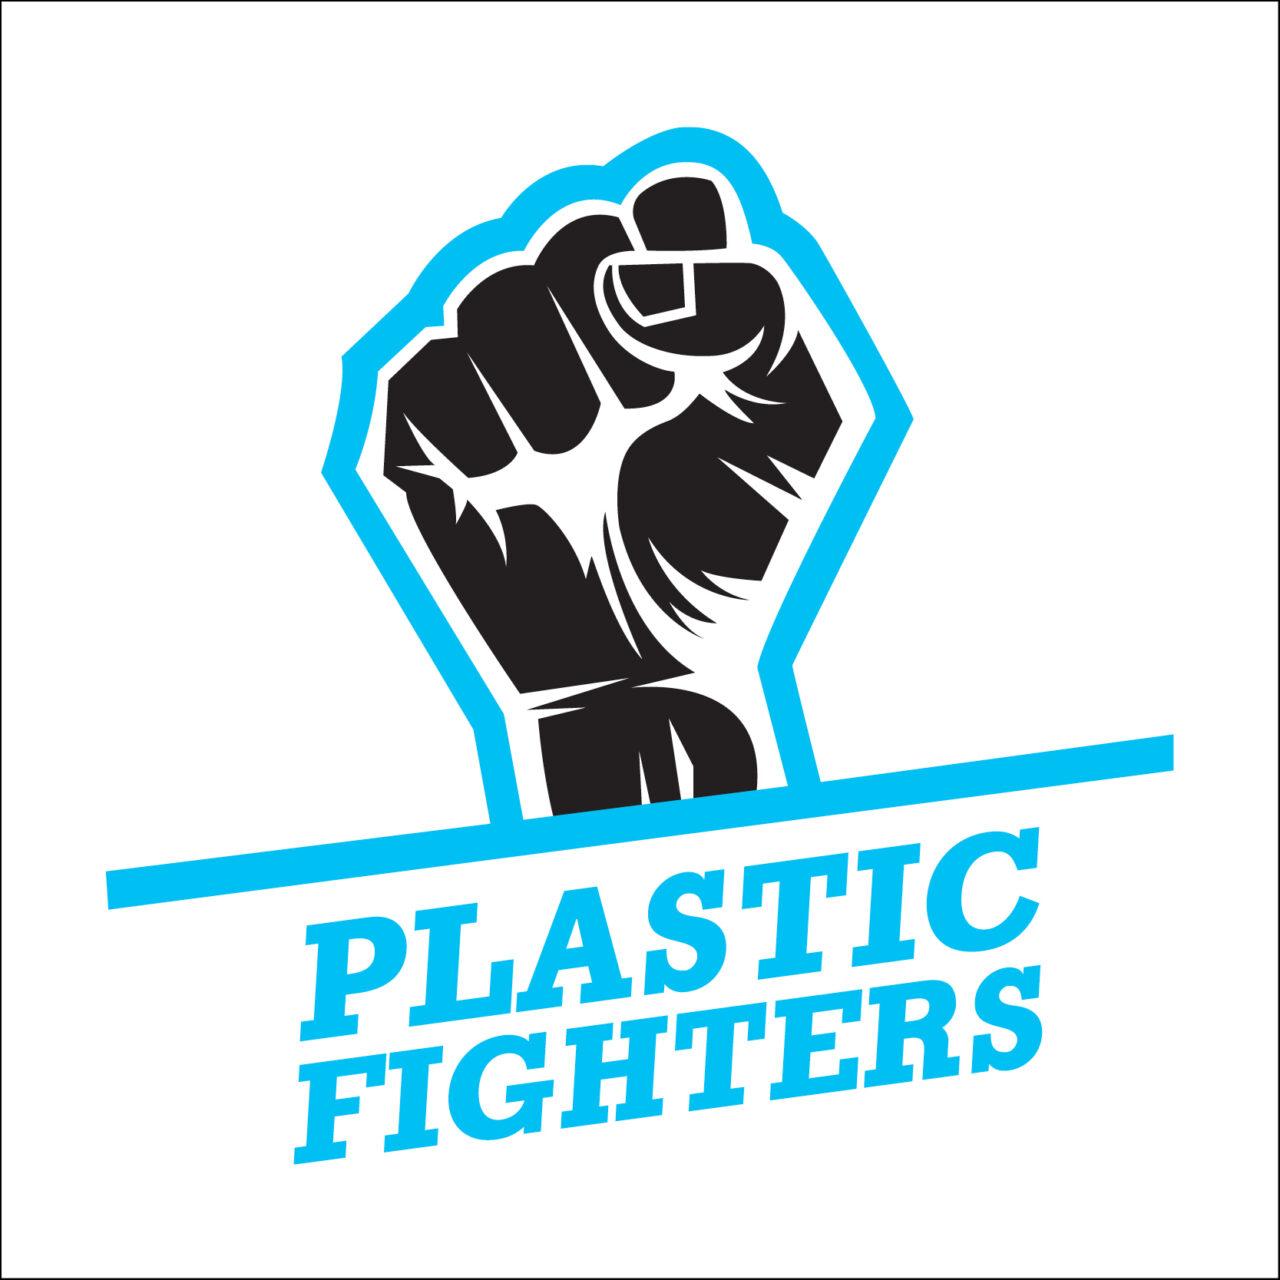 Πρόγραμμα Plastic Fighters